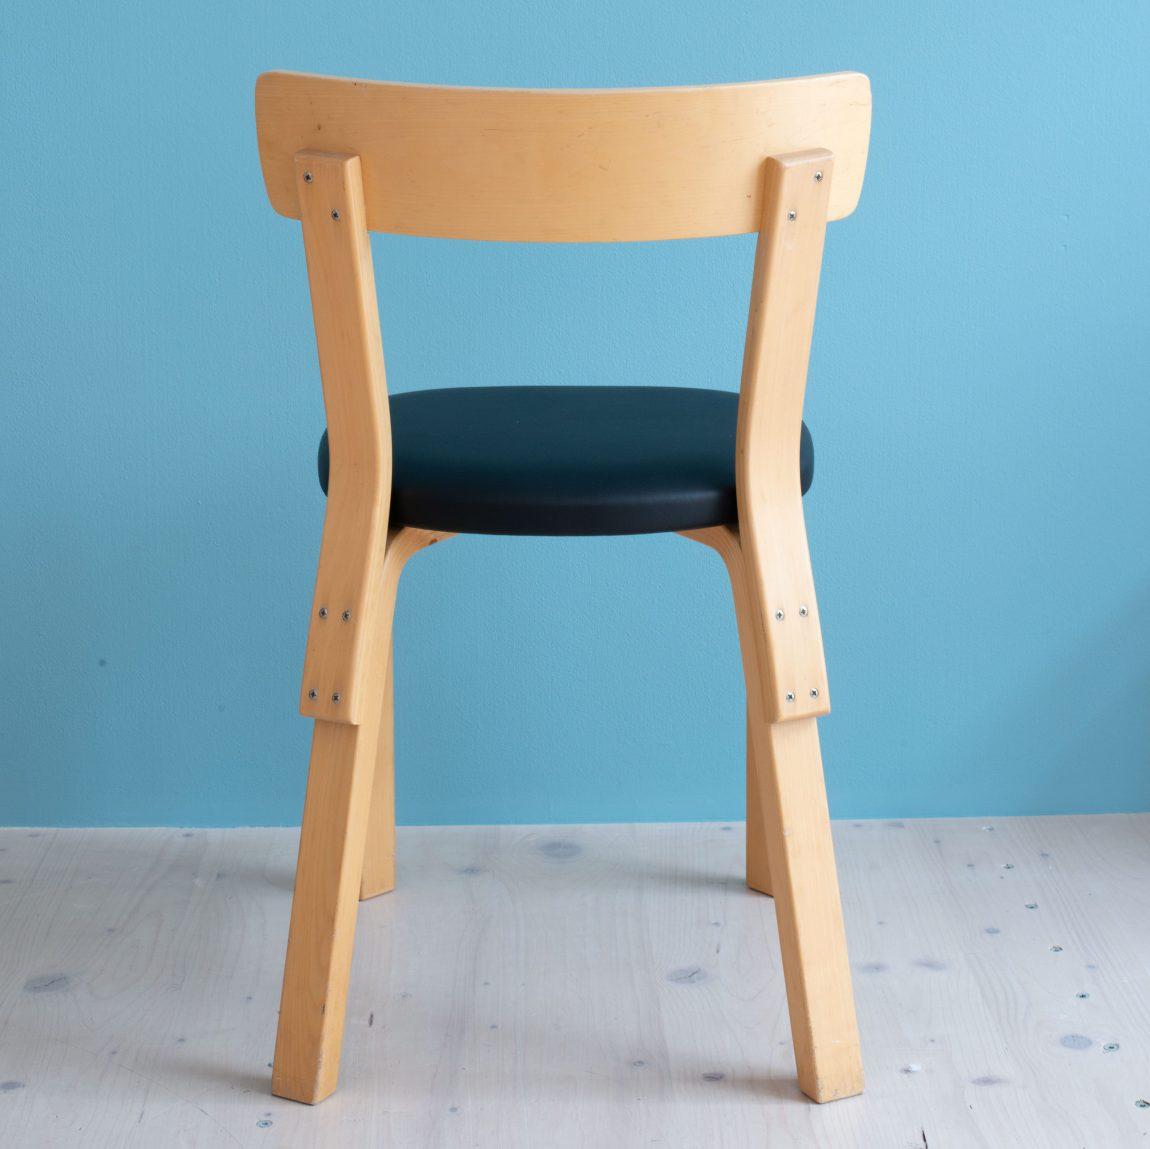 Alvar Aalto Model No. 69 Chair Alvar Aalto Artek Finland, 1940s